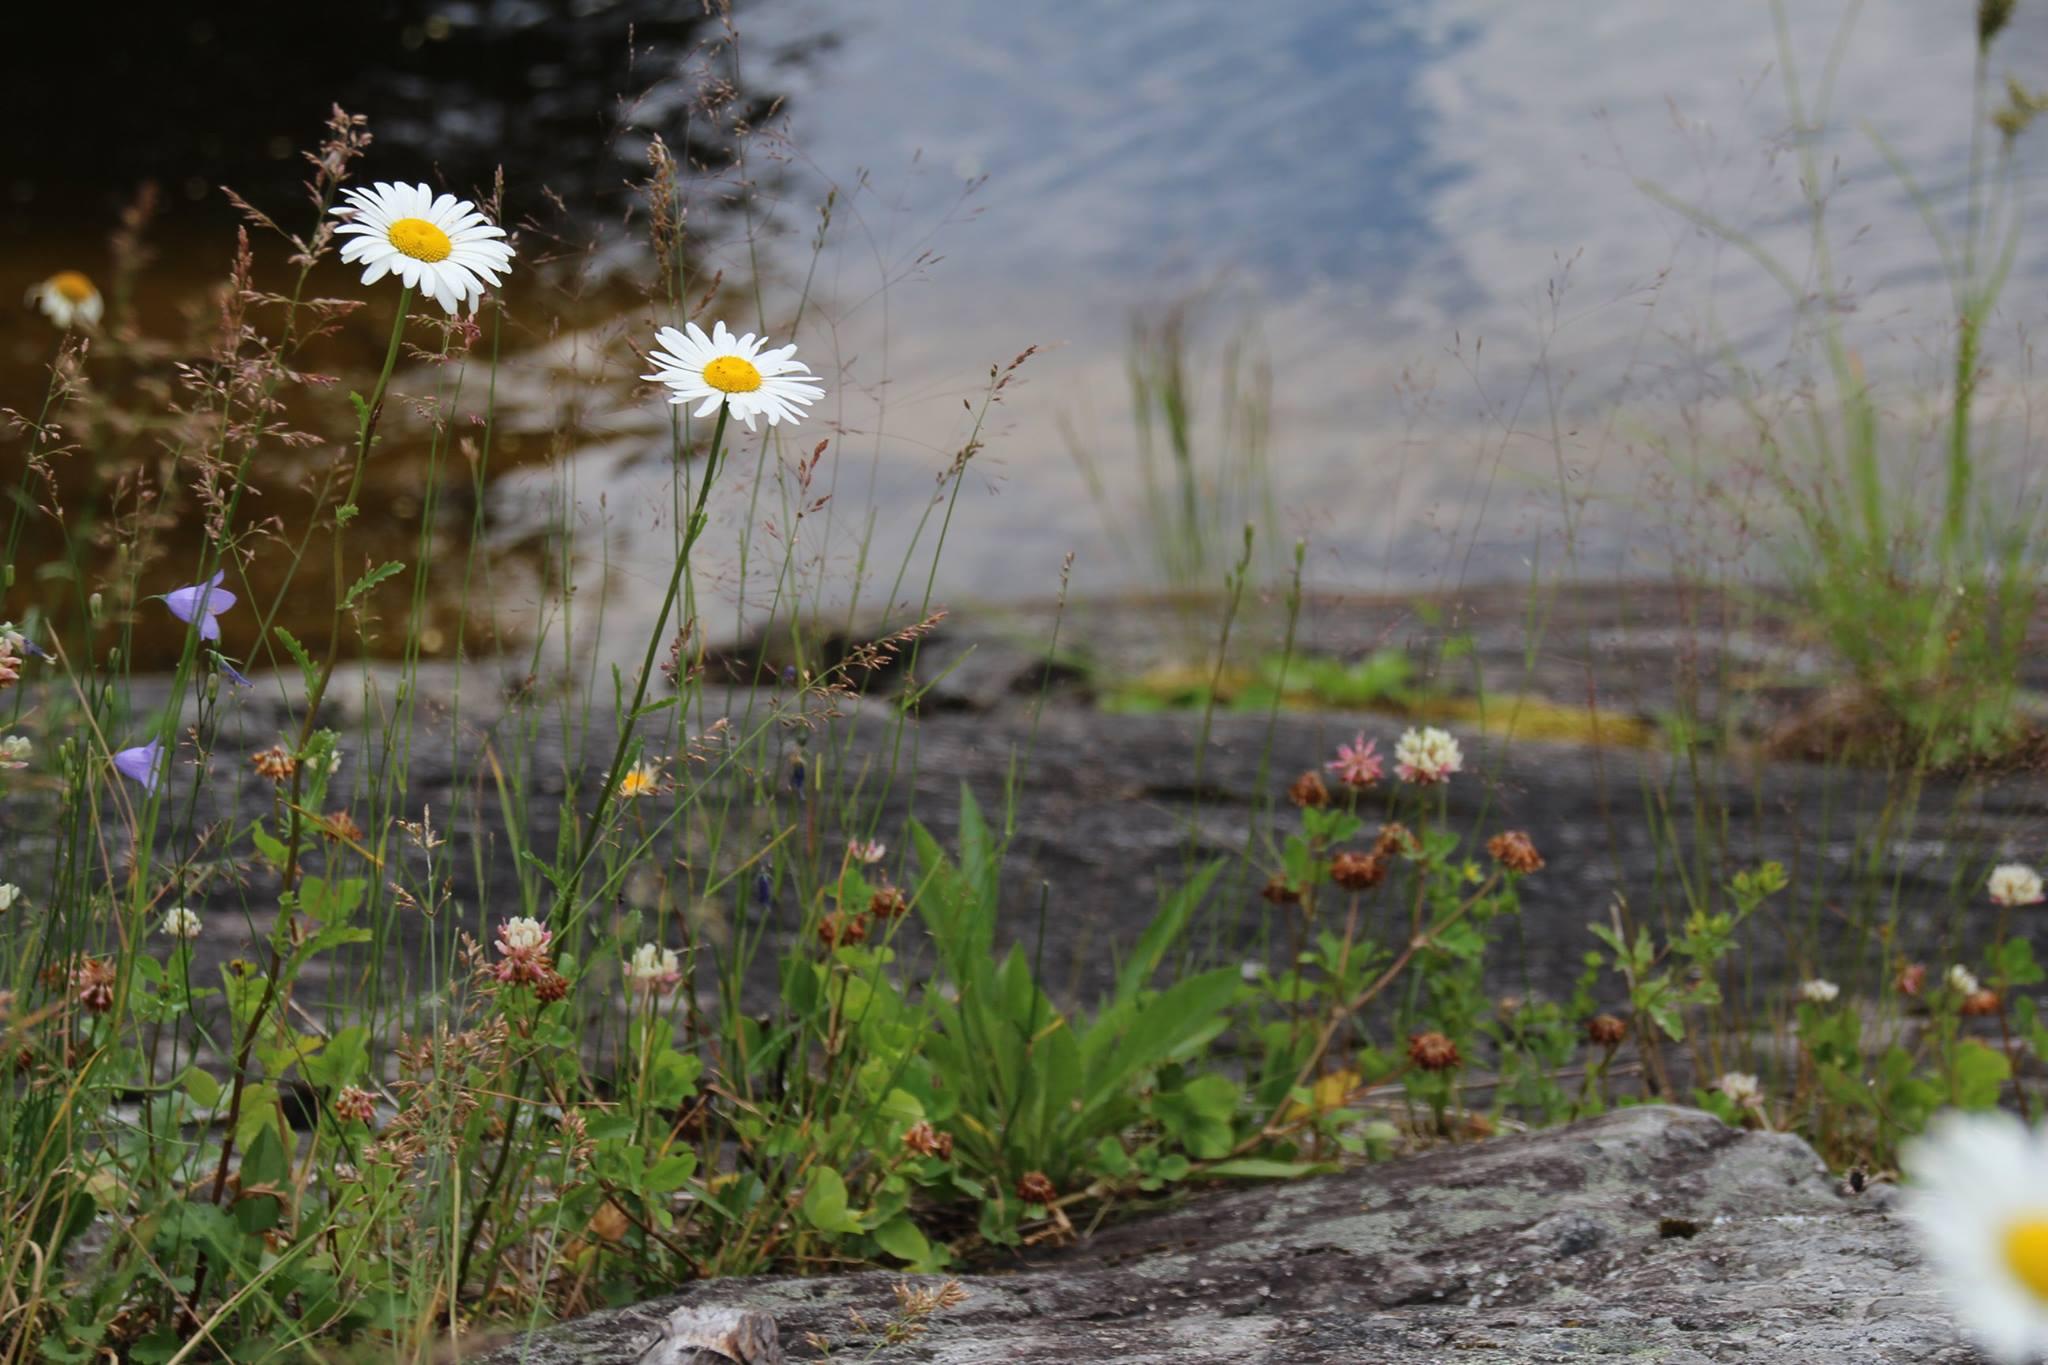 A shoreline scene